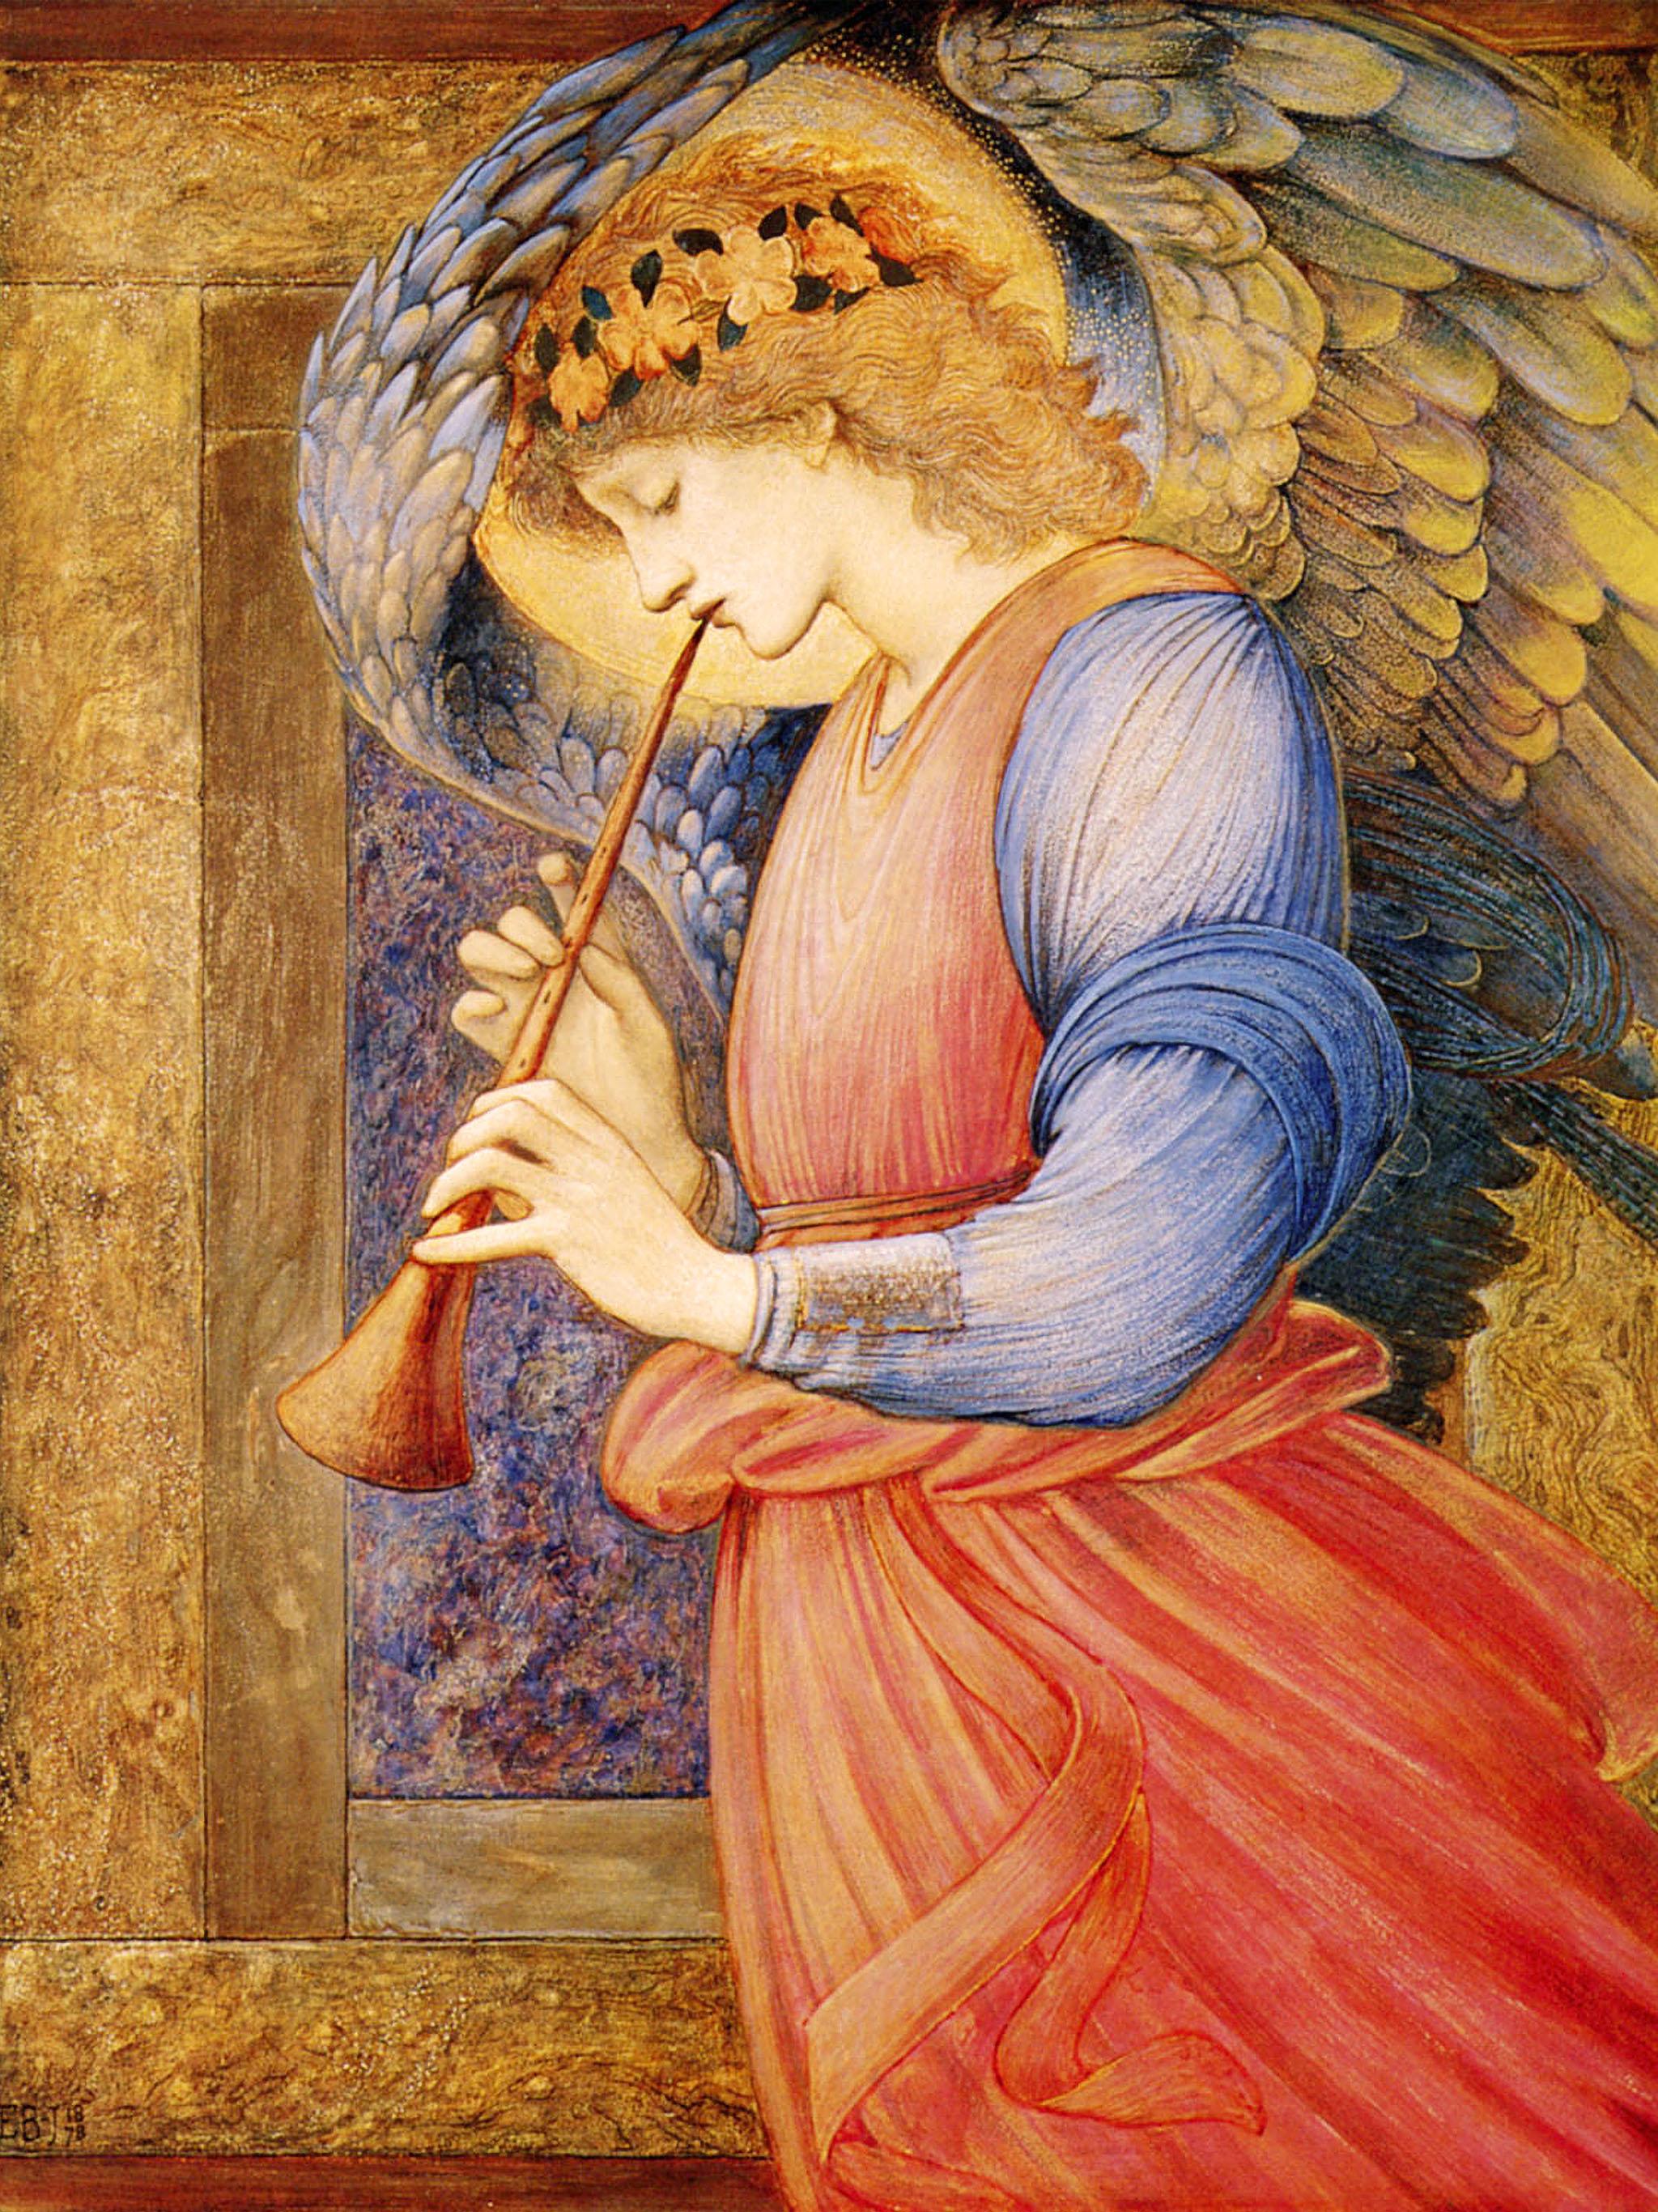 Edward Coley Burne-Jones - n Angel Playing a Flageolet 2048x2732